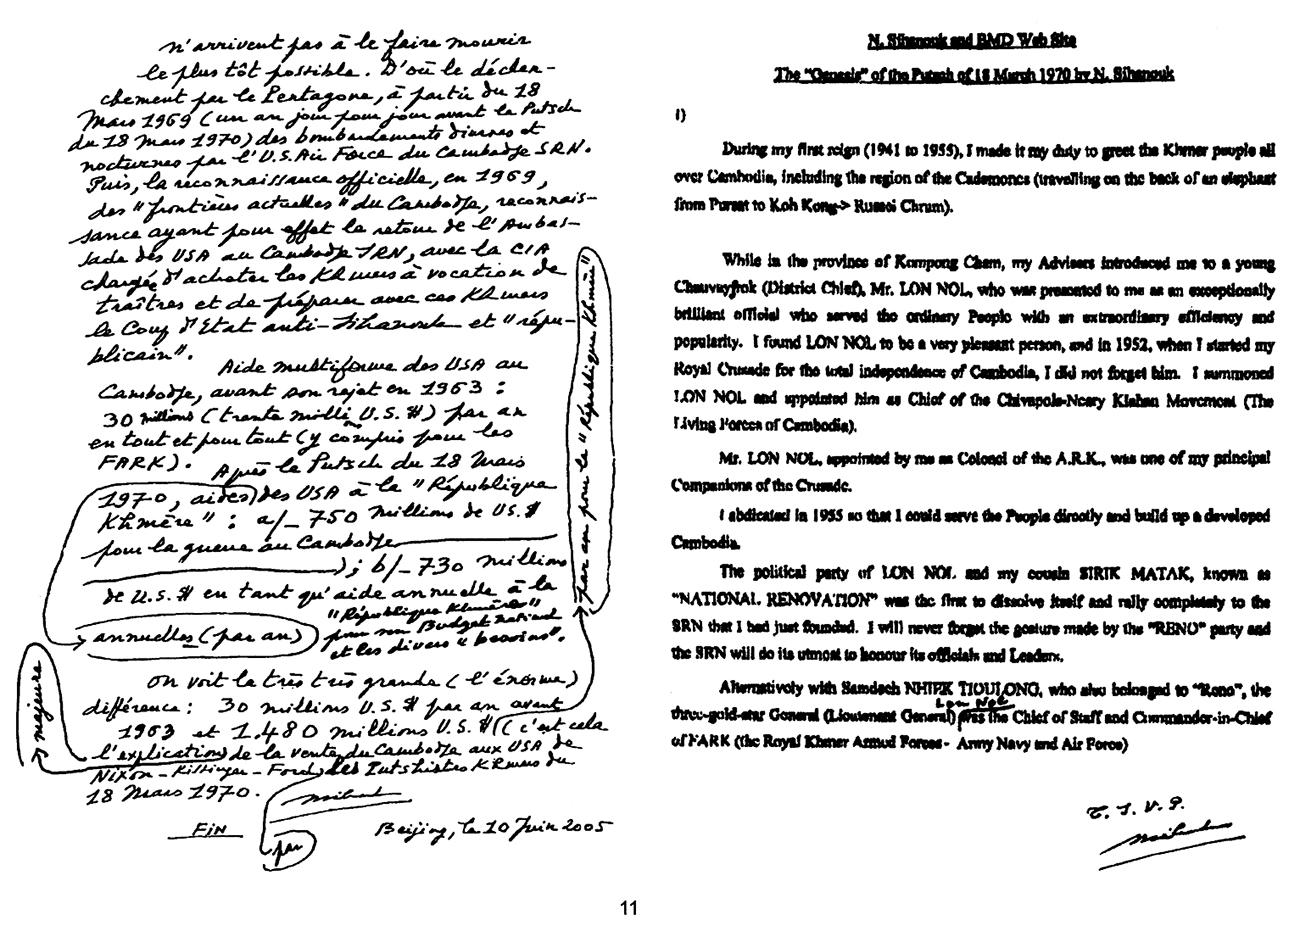 All/document/Documents/LaGenseduPutschdu18Mars1970/LaGenseduPutschdu18Mars1970/id2320/photo011.jpg